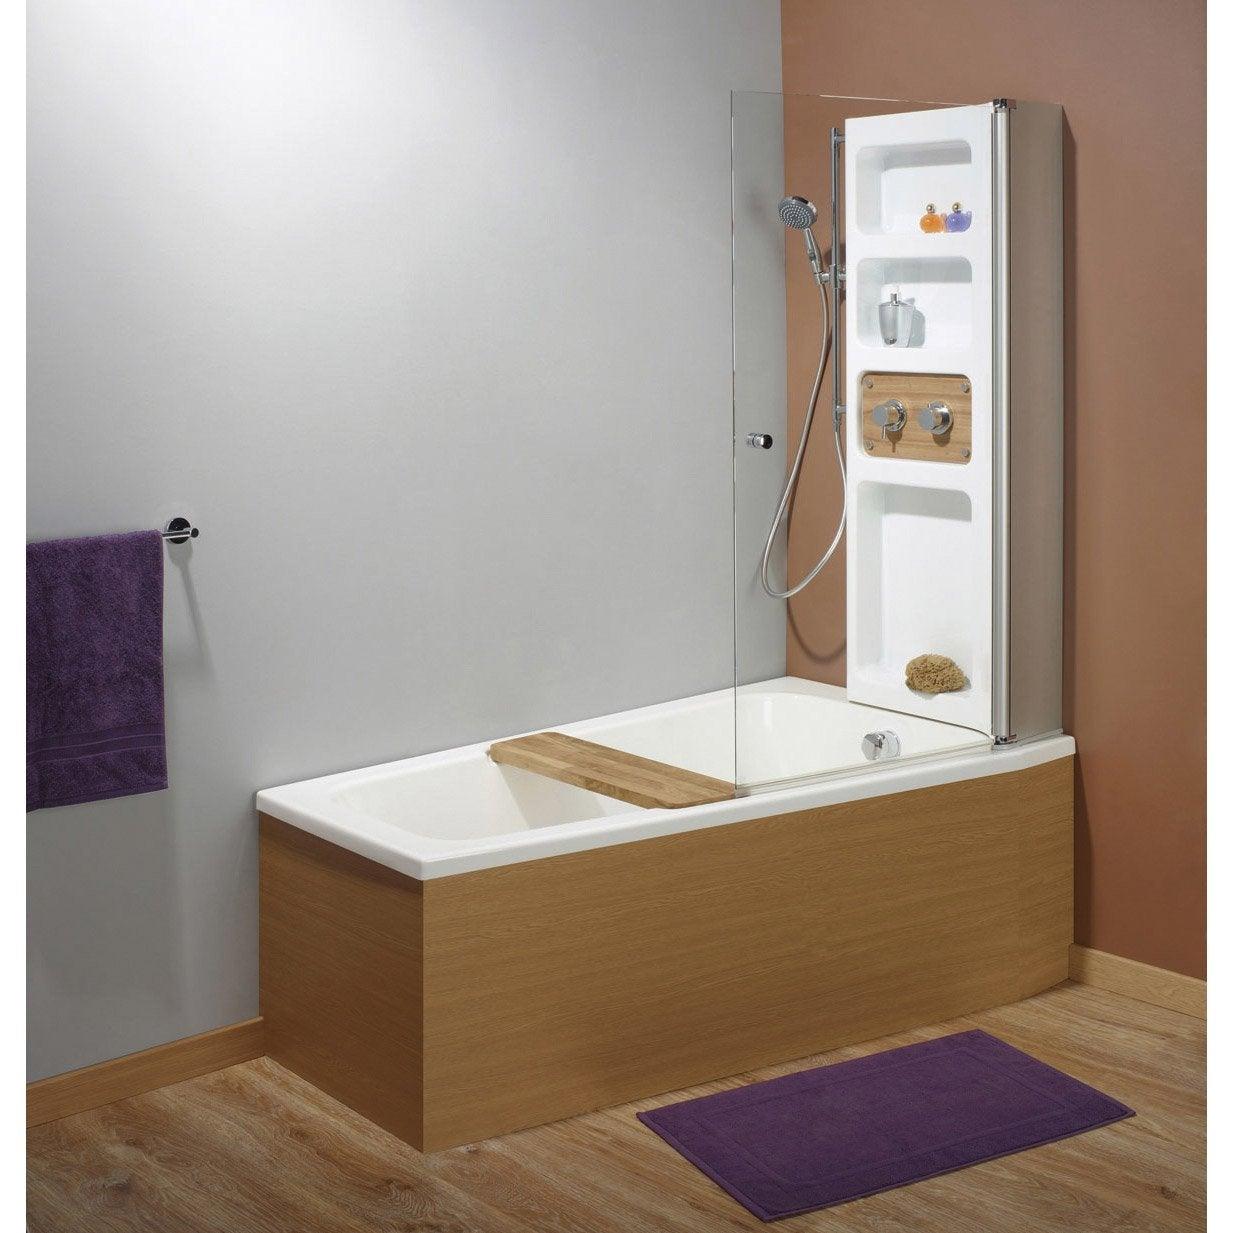 baignoire asym trique twineo prime droite sucal acrylique. Black Bedroom Furniture Sets. Home Design Ideas